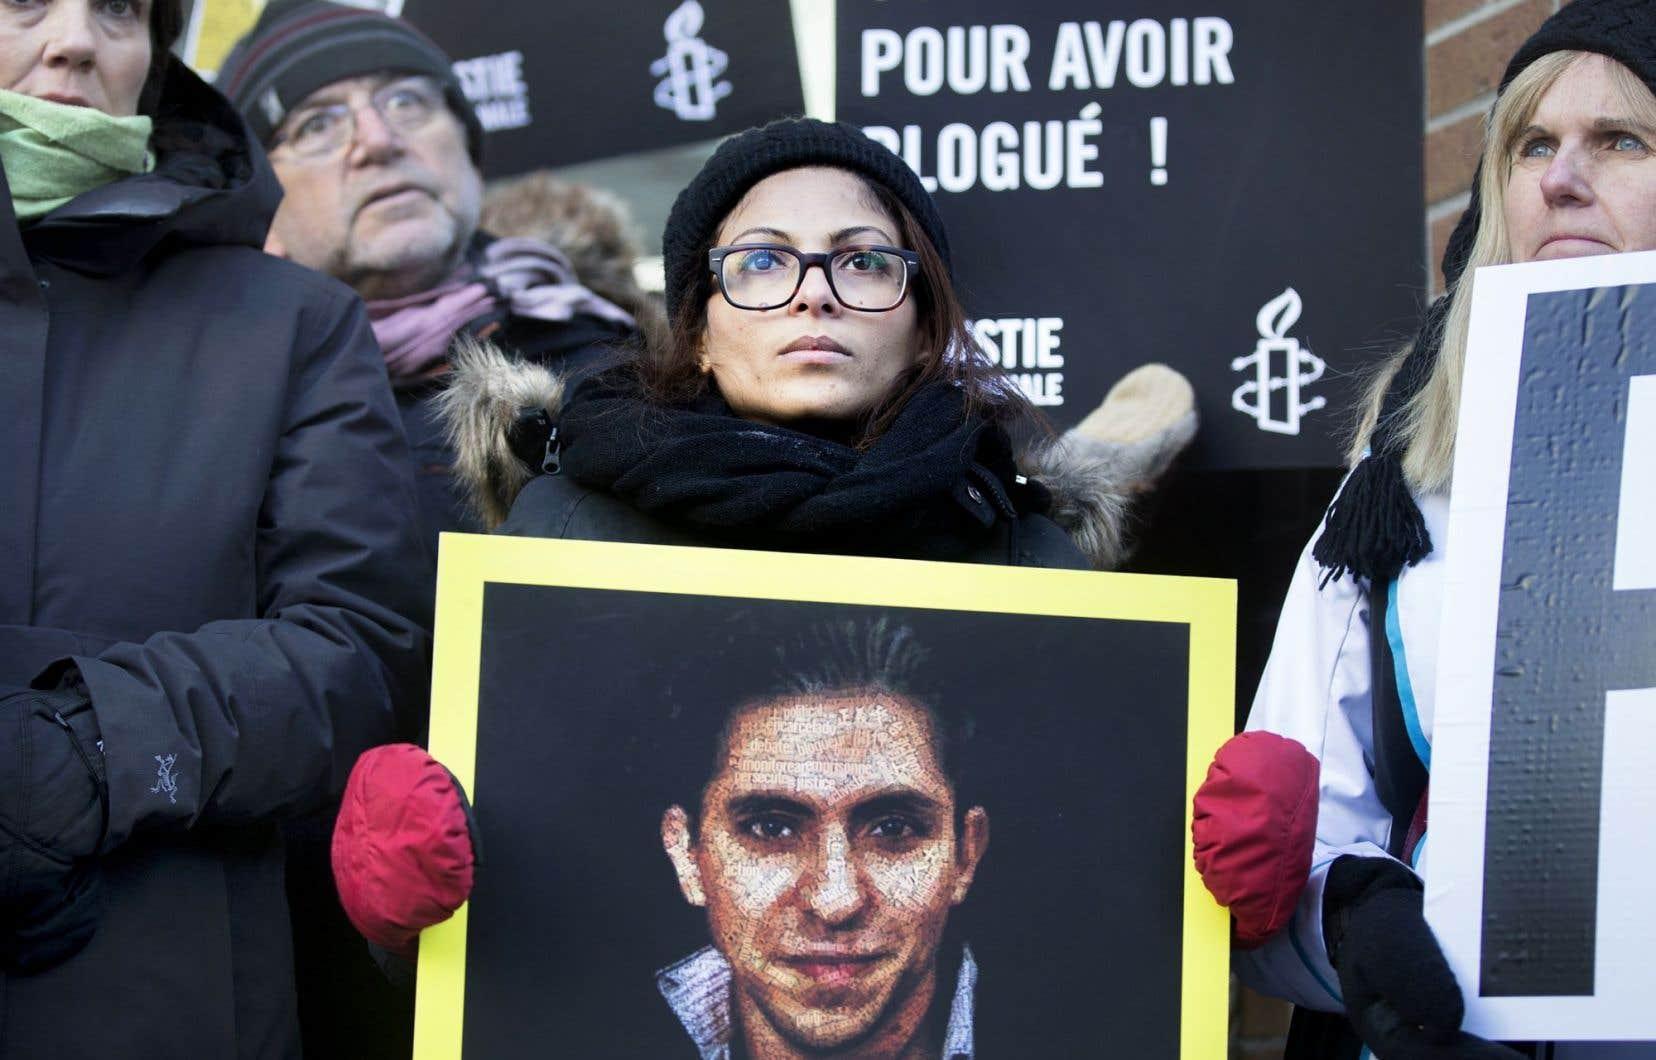 Raïf Badawi conserve sa peine de 50 coups de fouet hebdomadaires durant vingt semaines, 10 ans de prison et une amende de 266 000$ pour «insulte à l'islam». Cette peine ne peut être annulée sans le pardon royal.